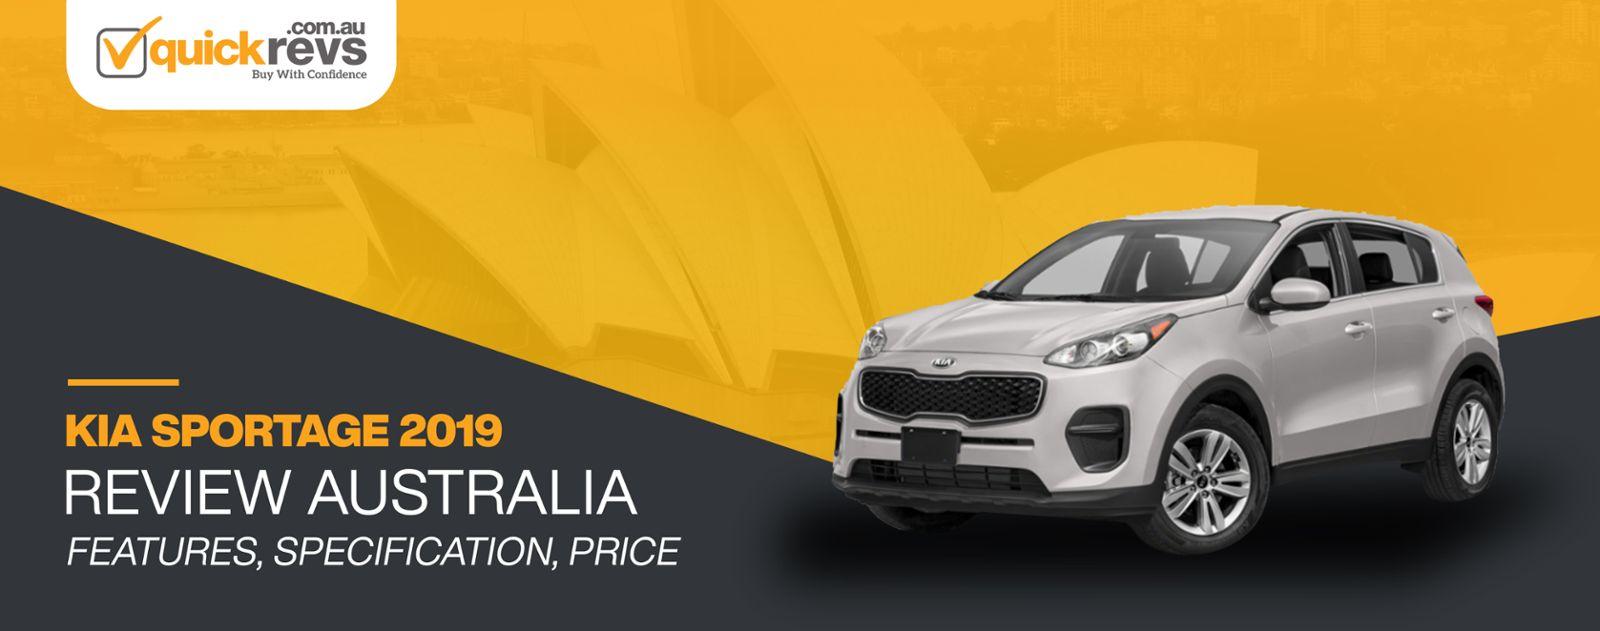 Kia Sportage 2019 Review Australia